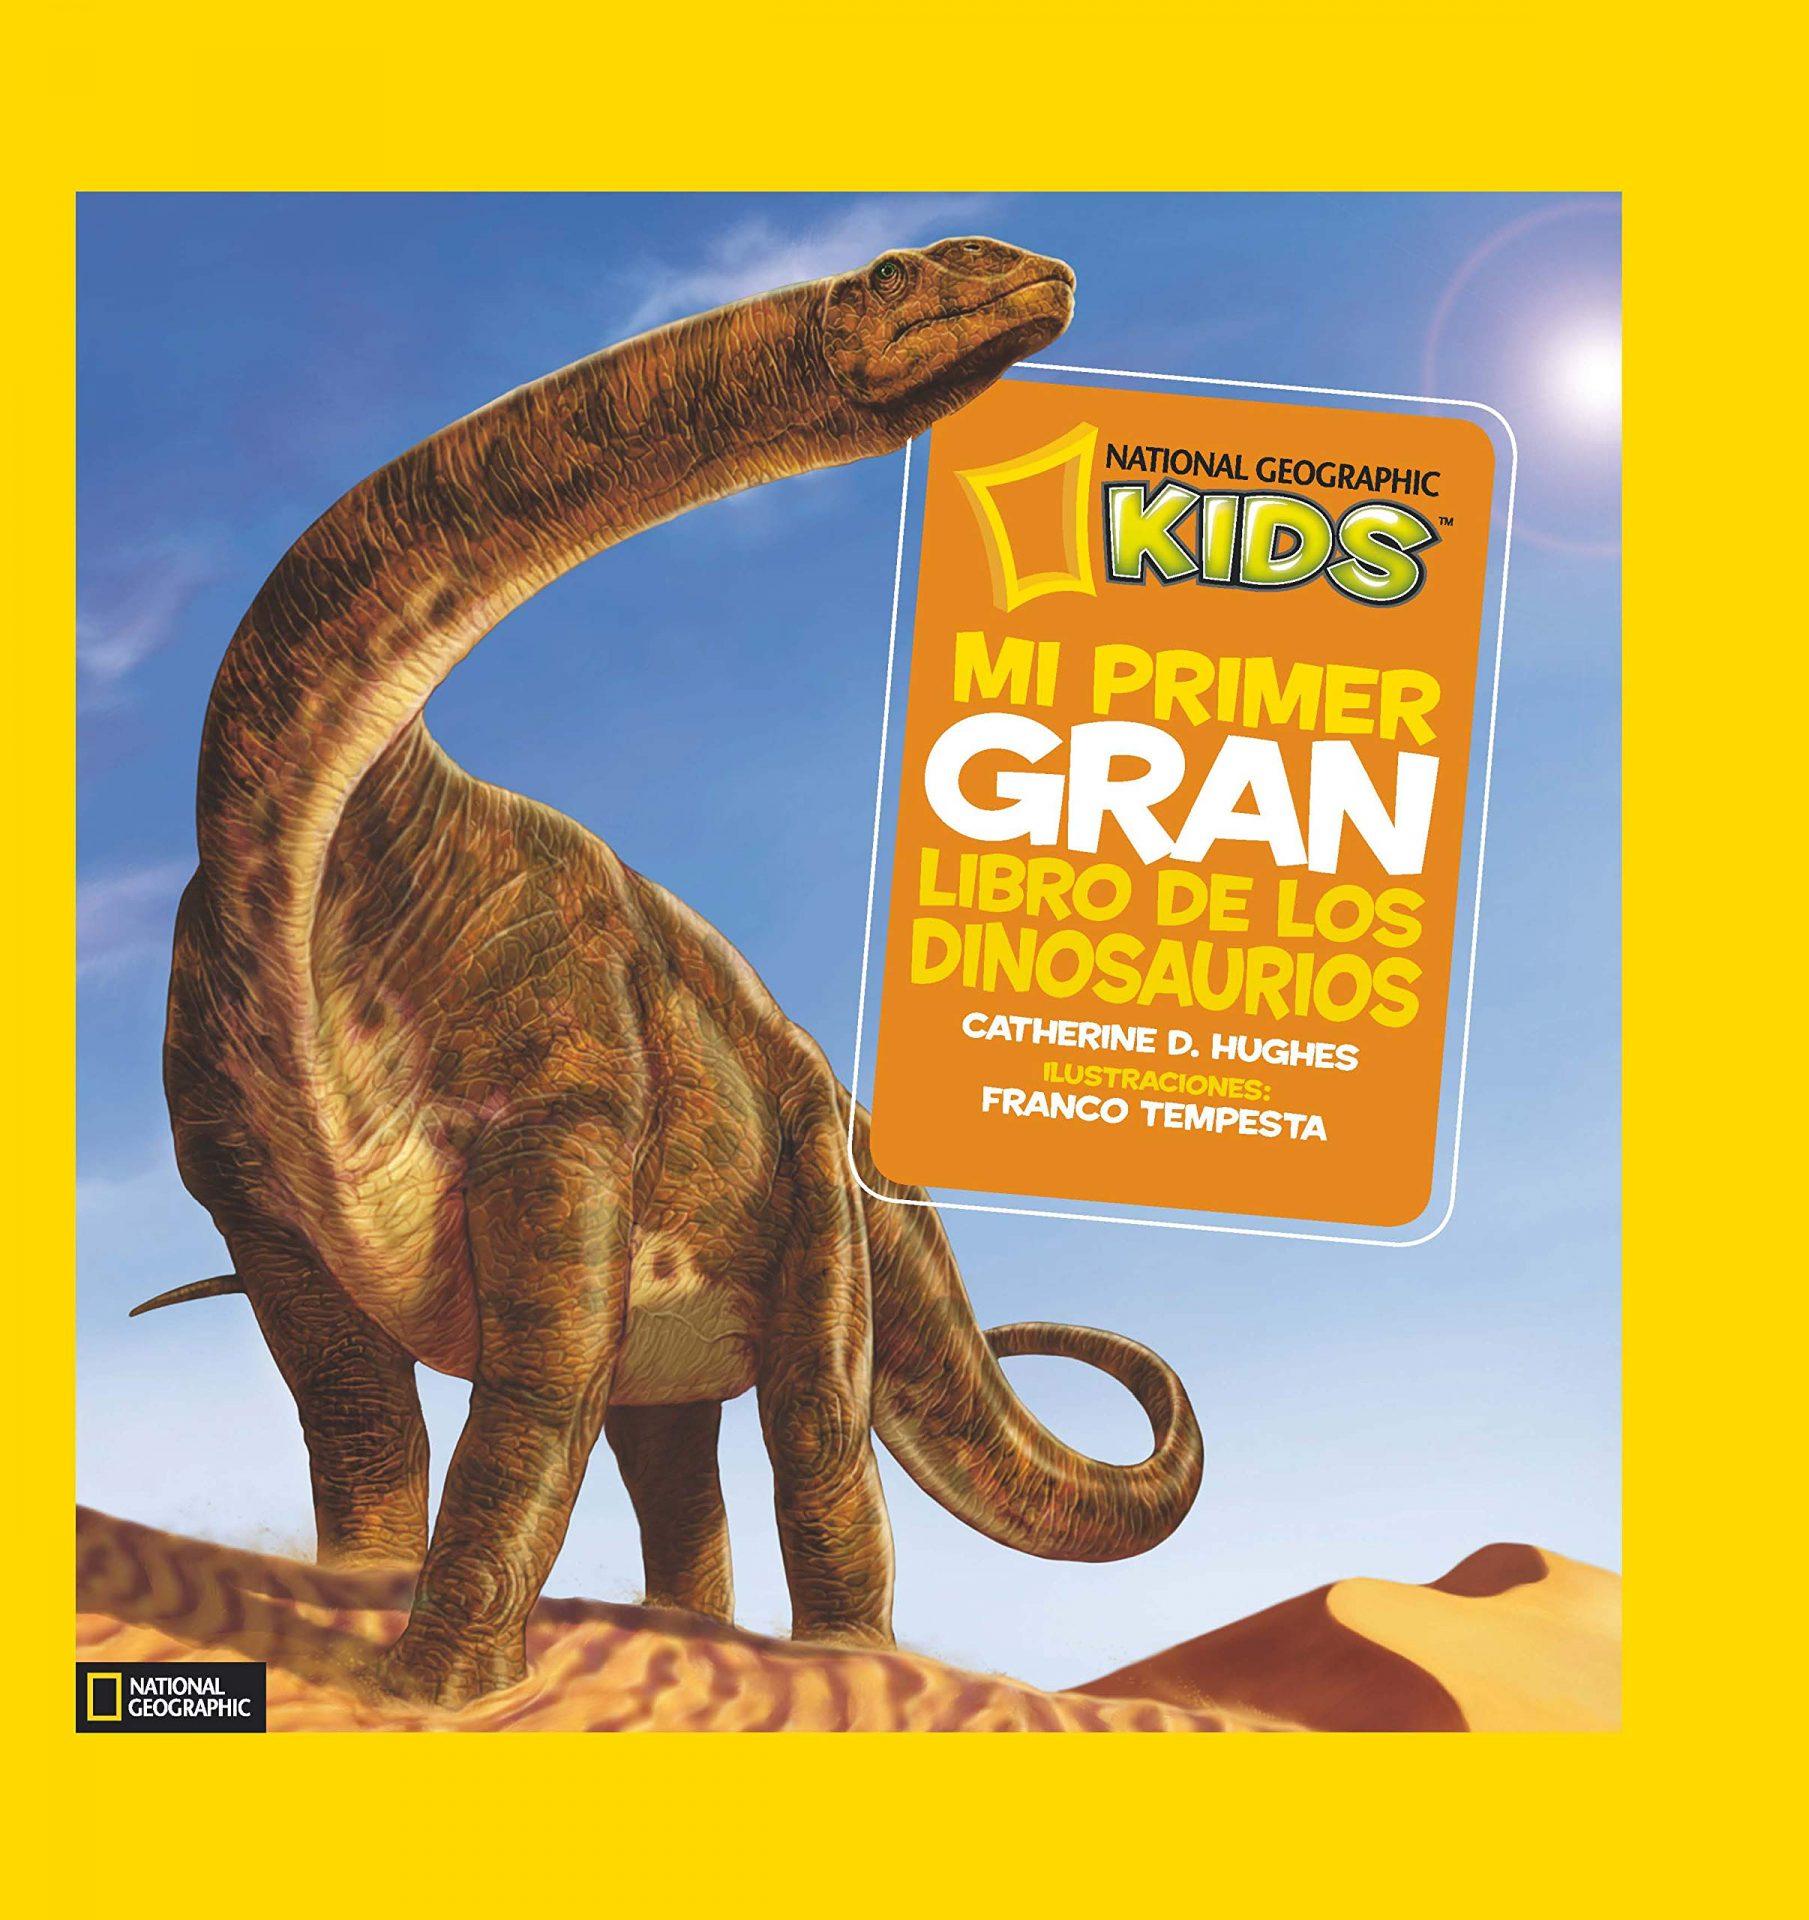 mi primer gran libro de los dinosaurios ng kids